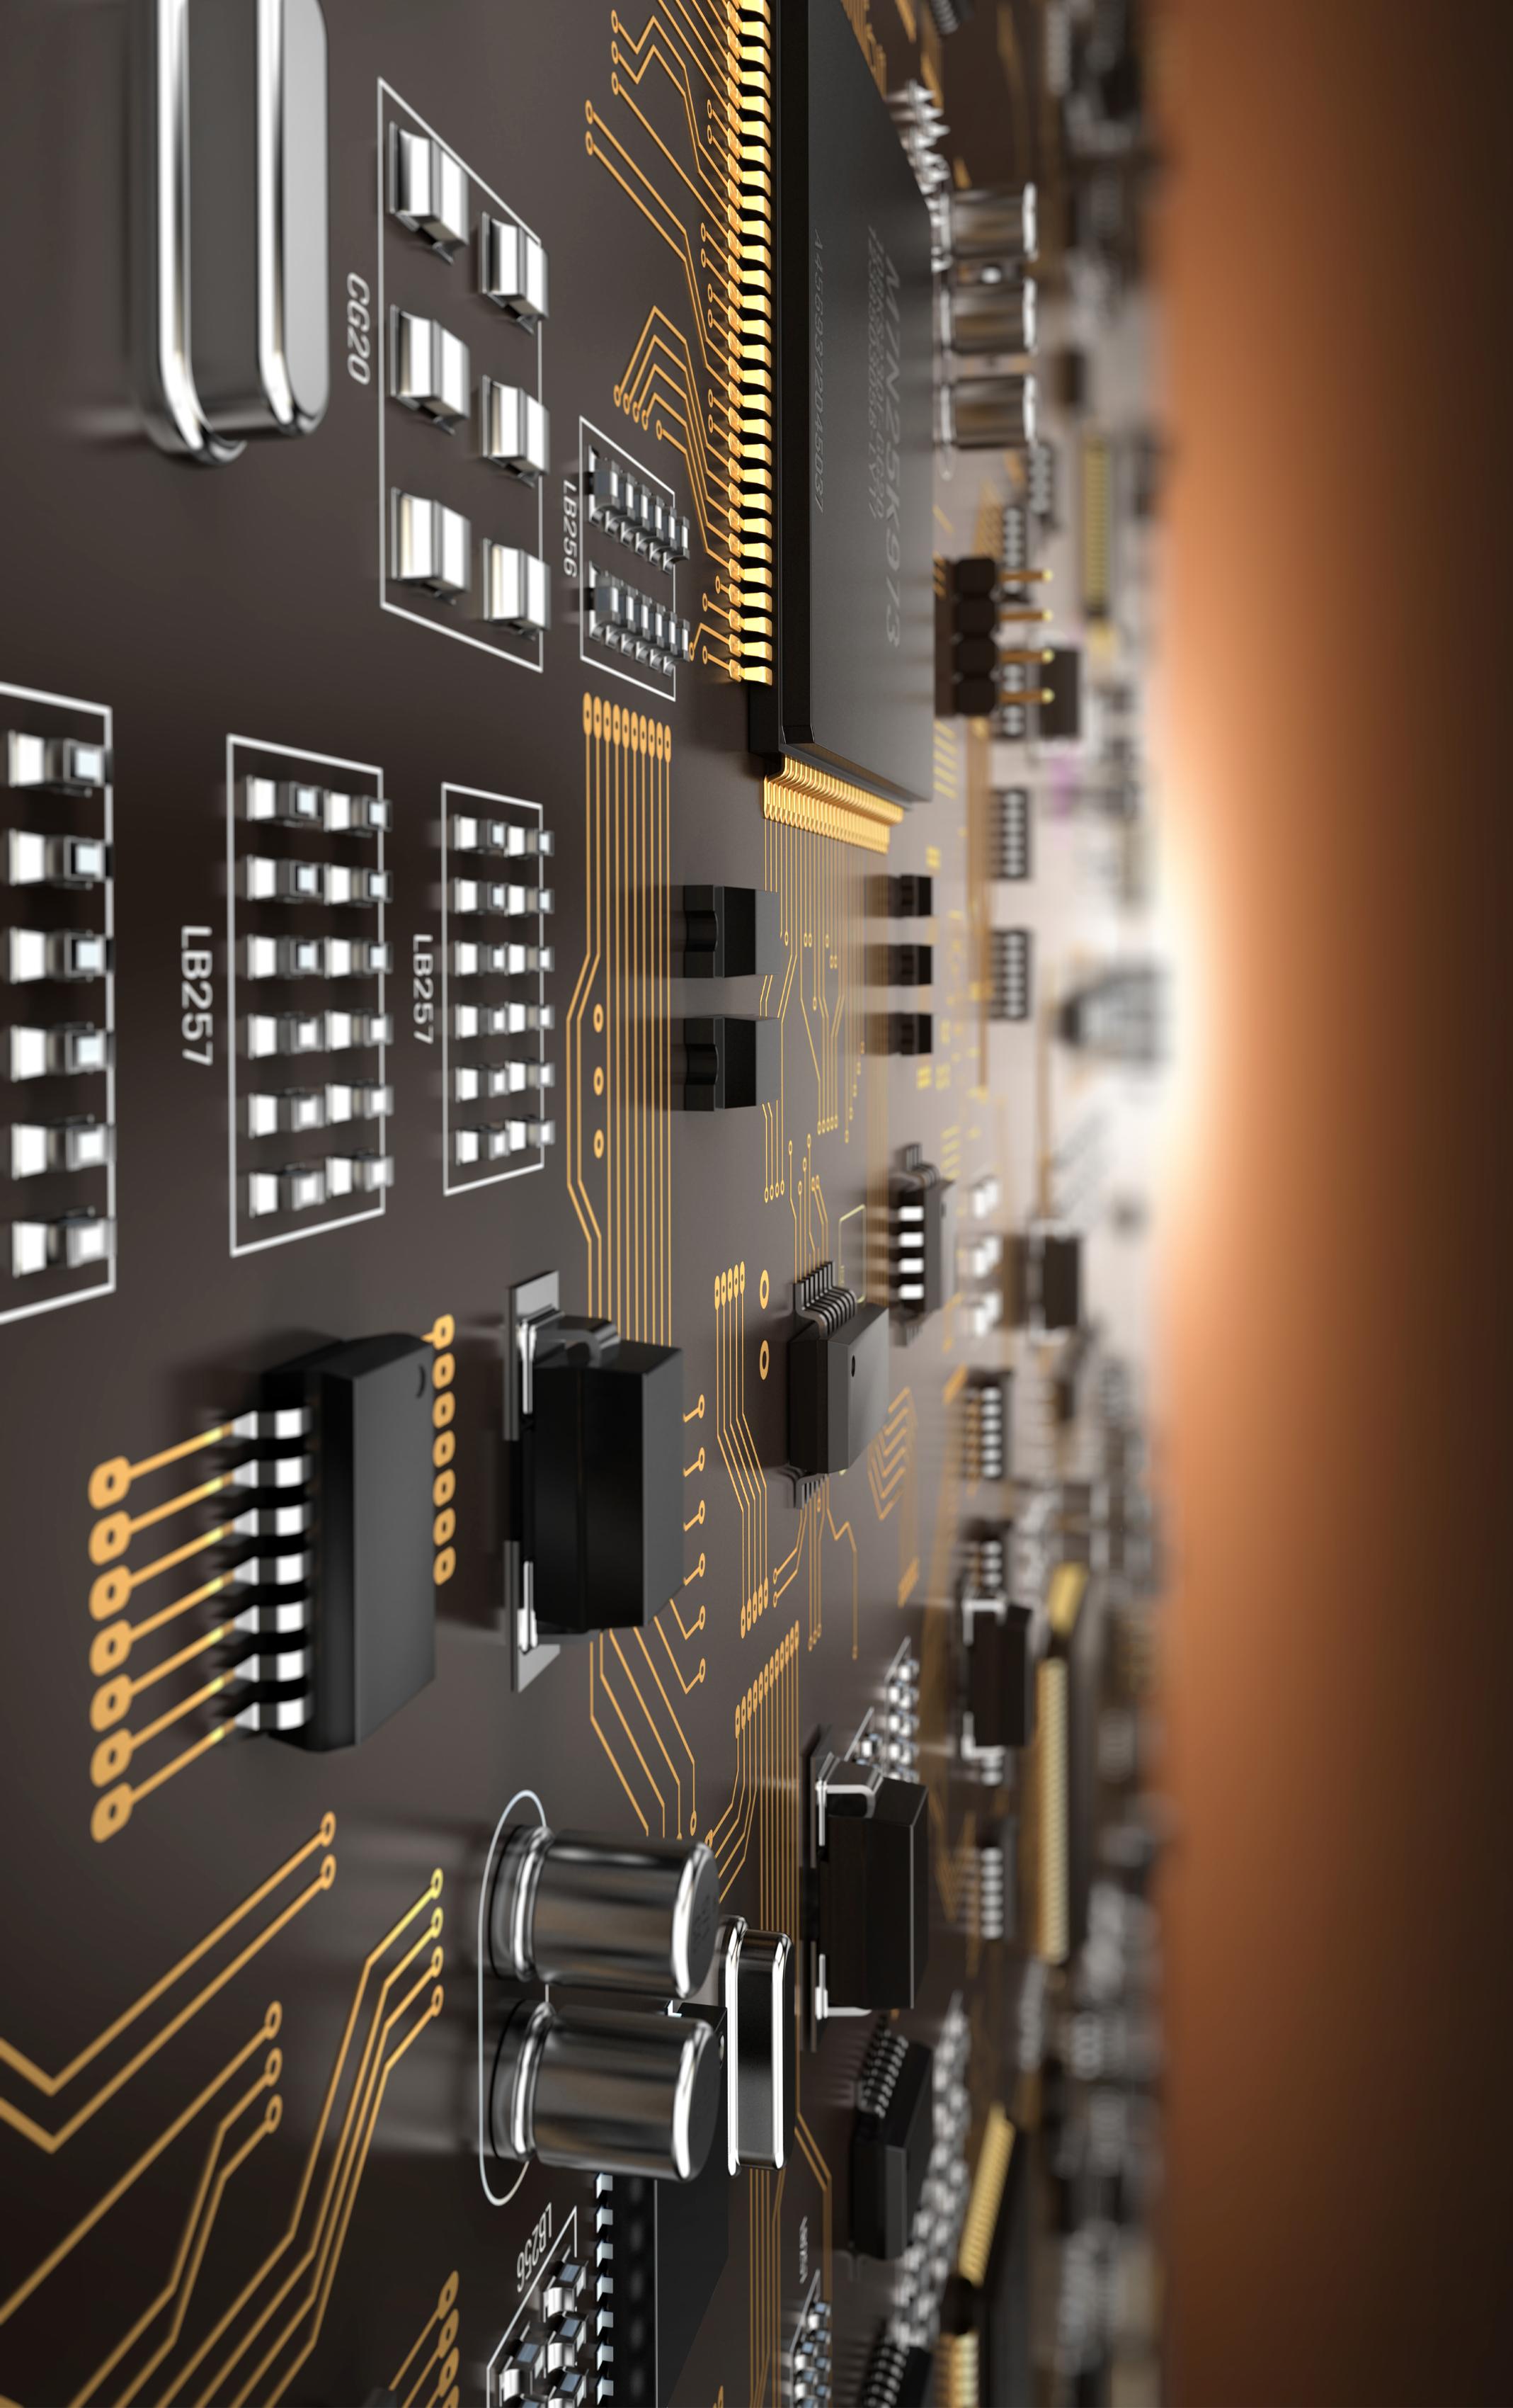 PCB design Promwad